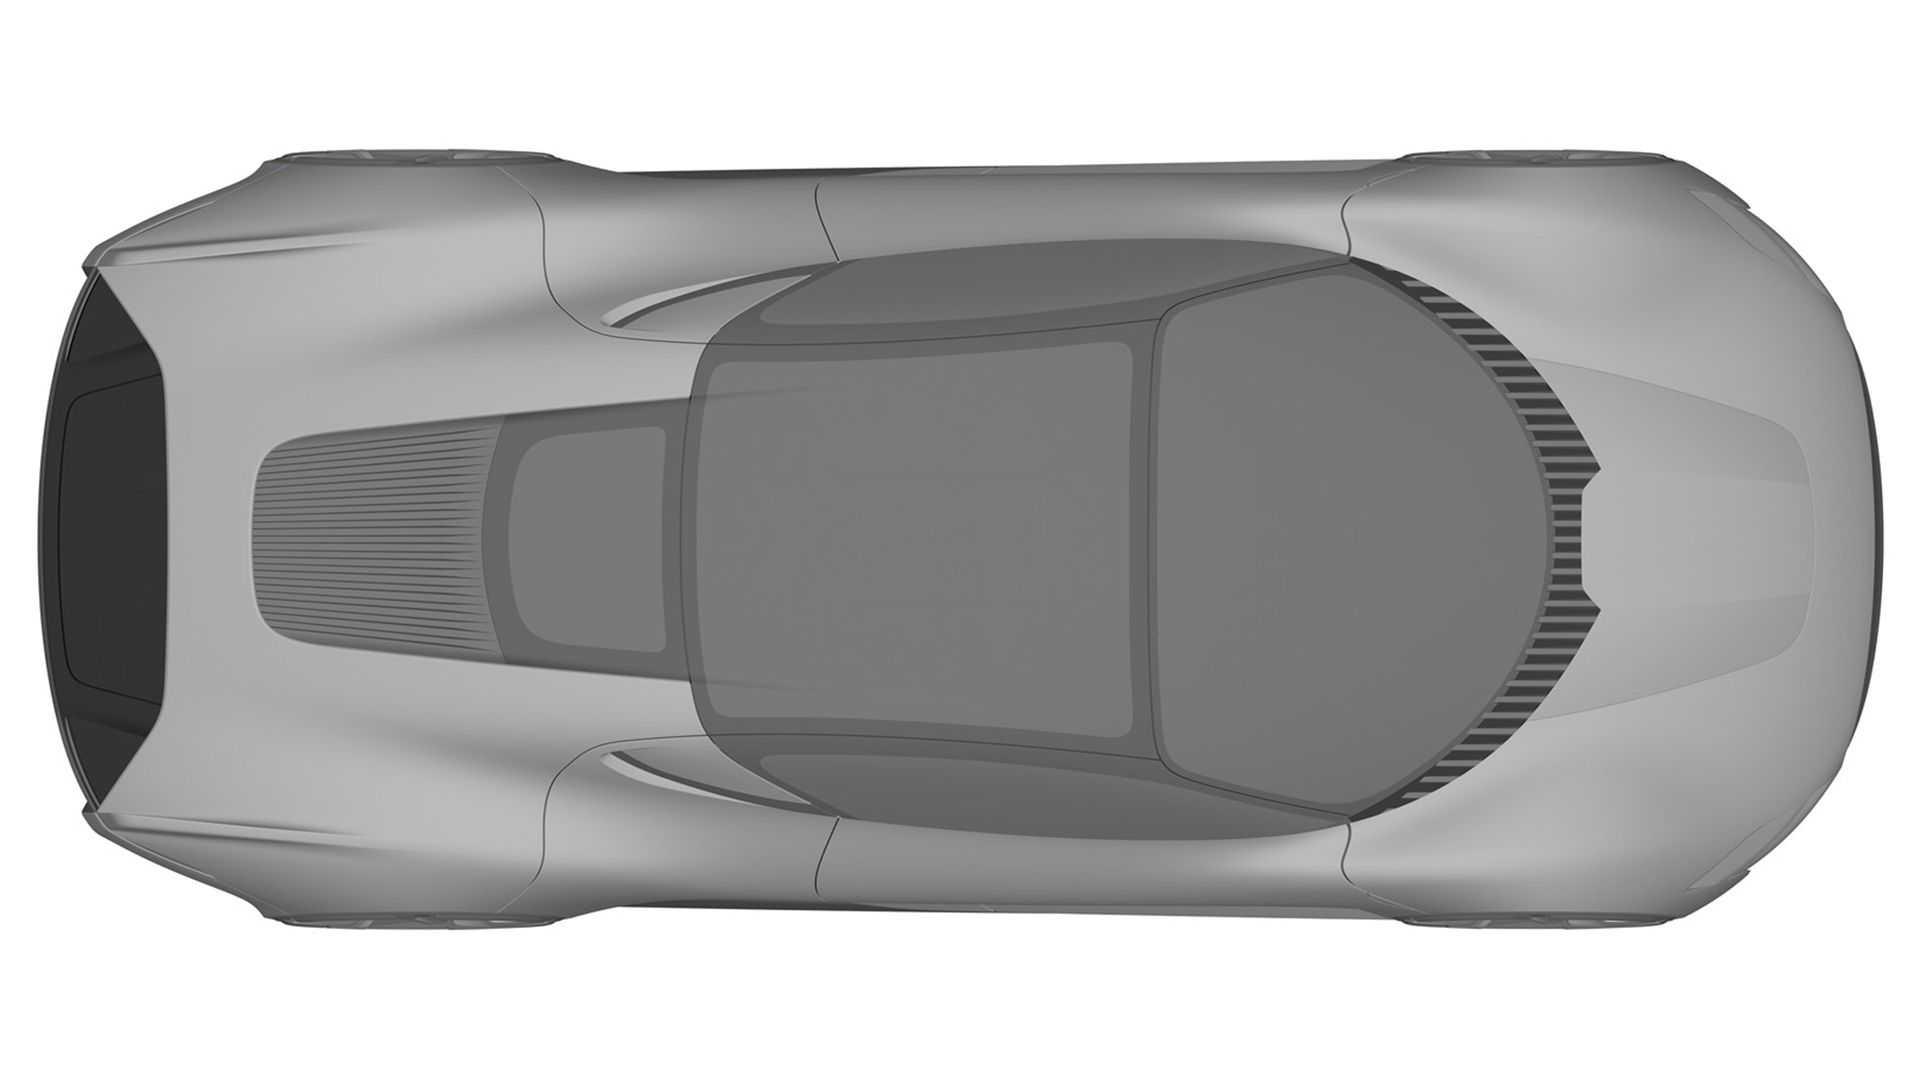 Jaguar-Supercar-Patent-Images-7